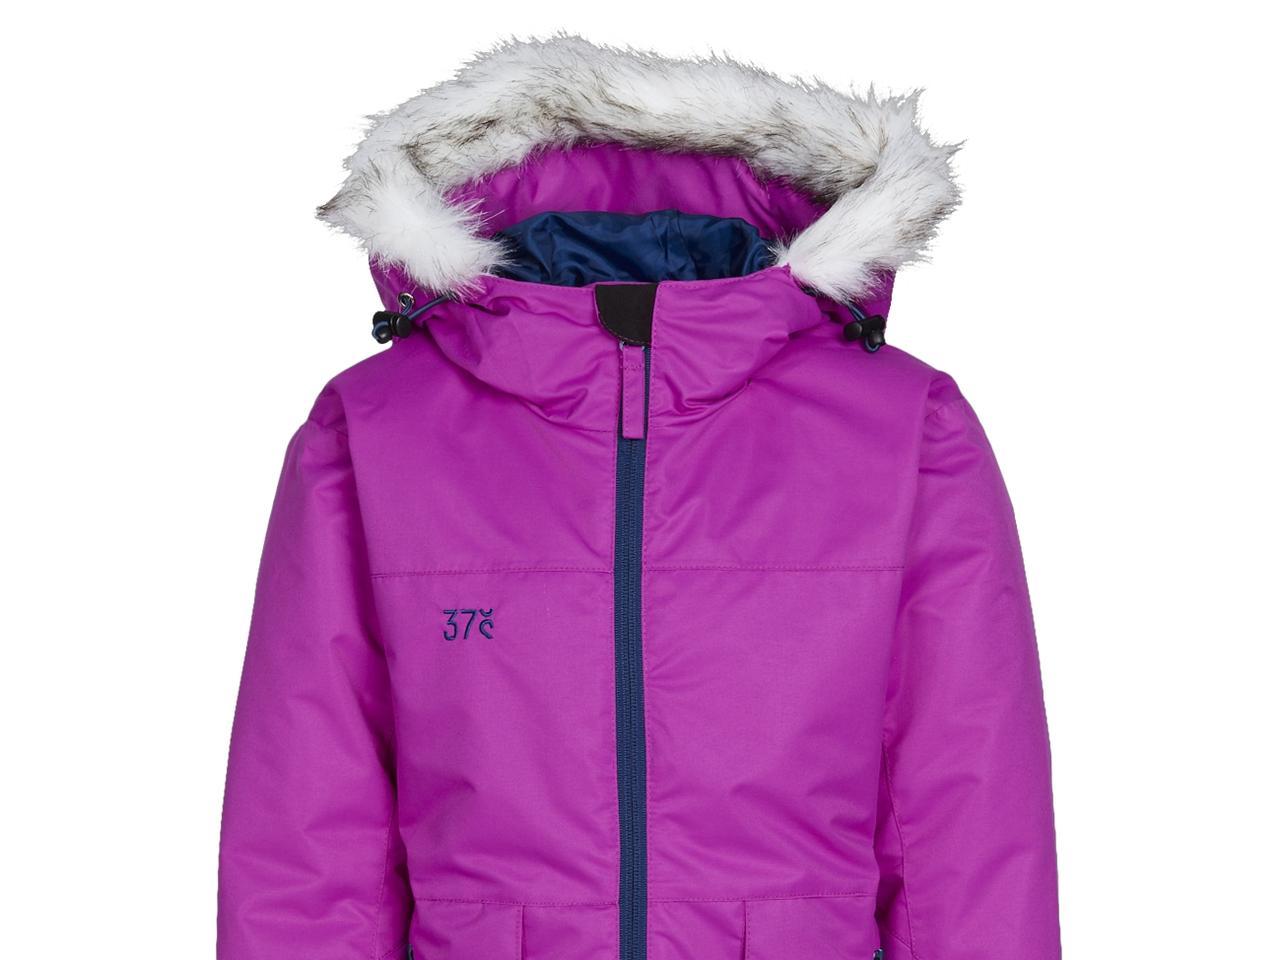 Aldi snow gear sale. Picture: Supplied